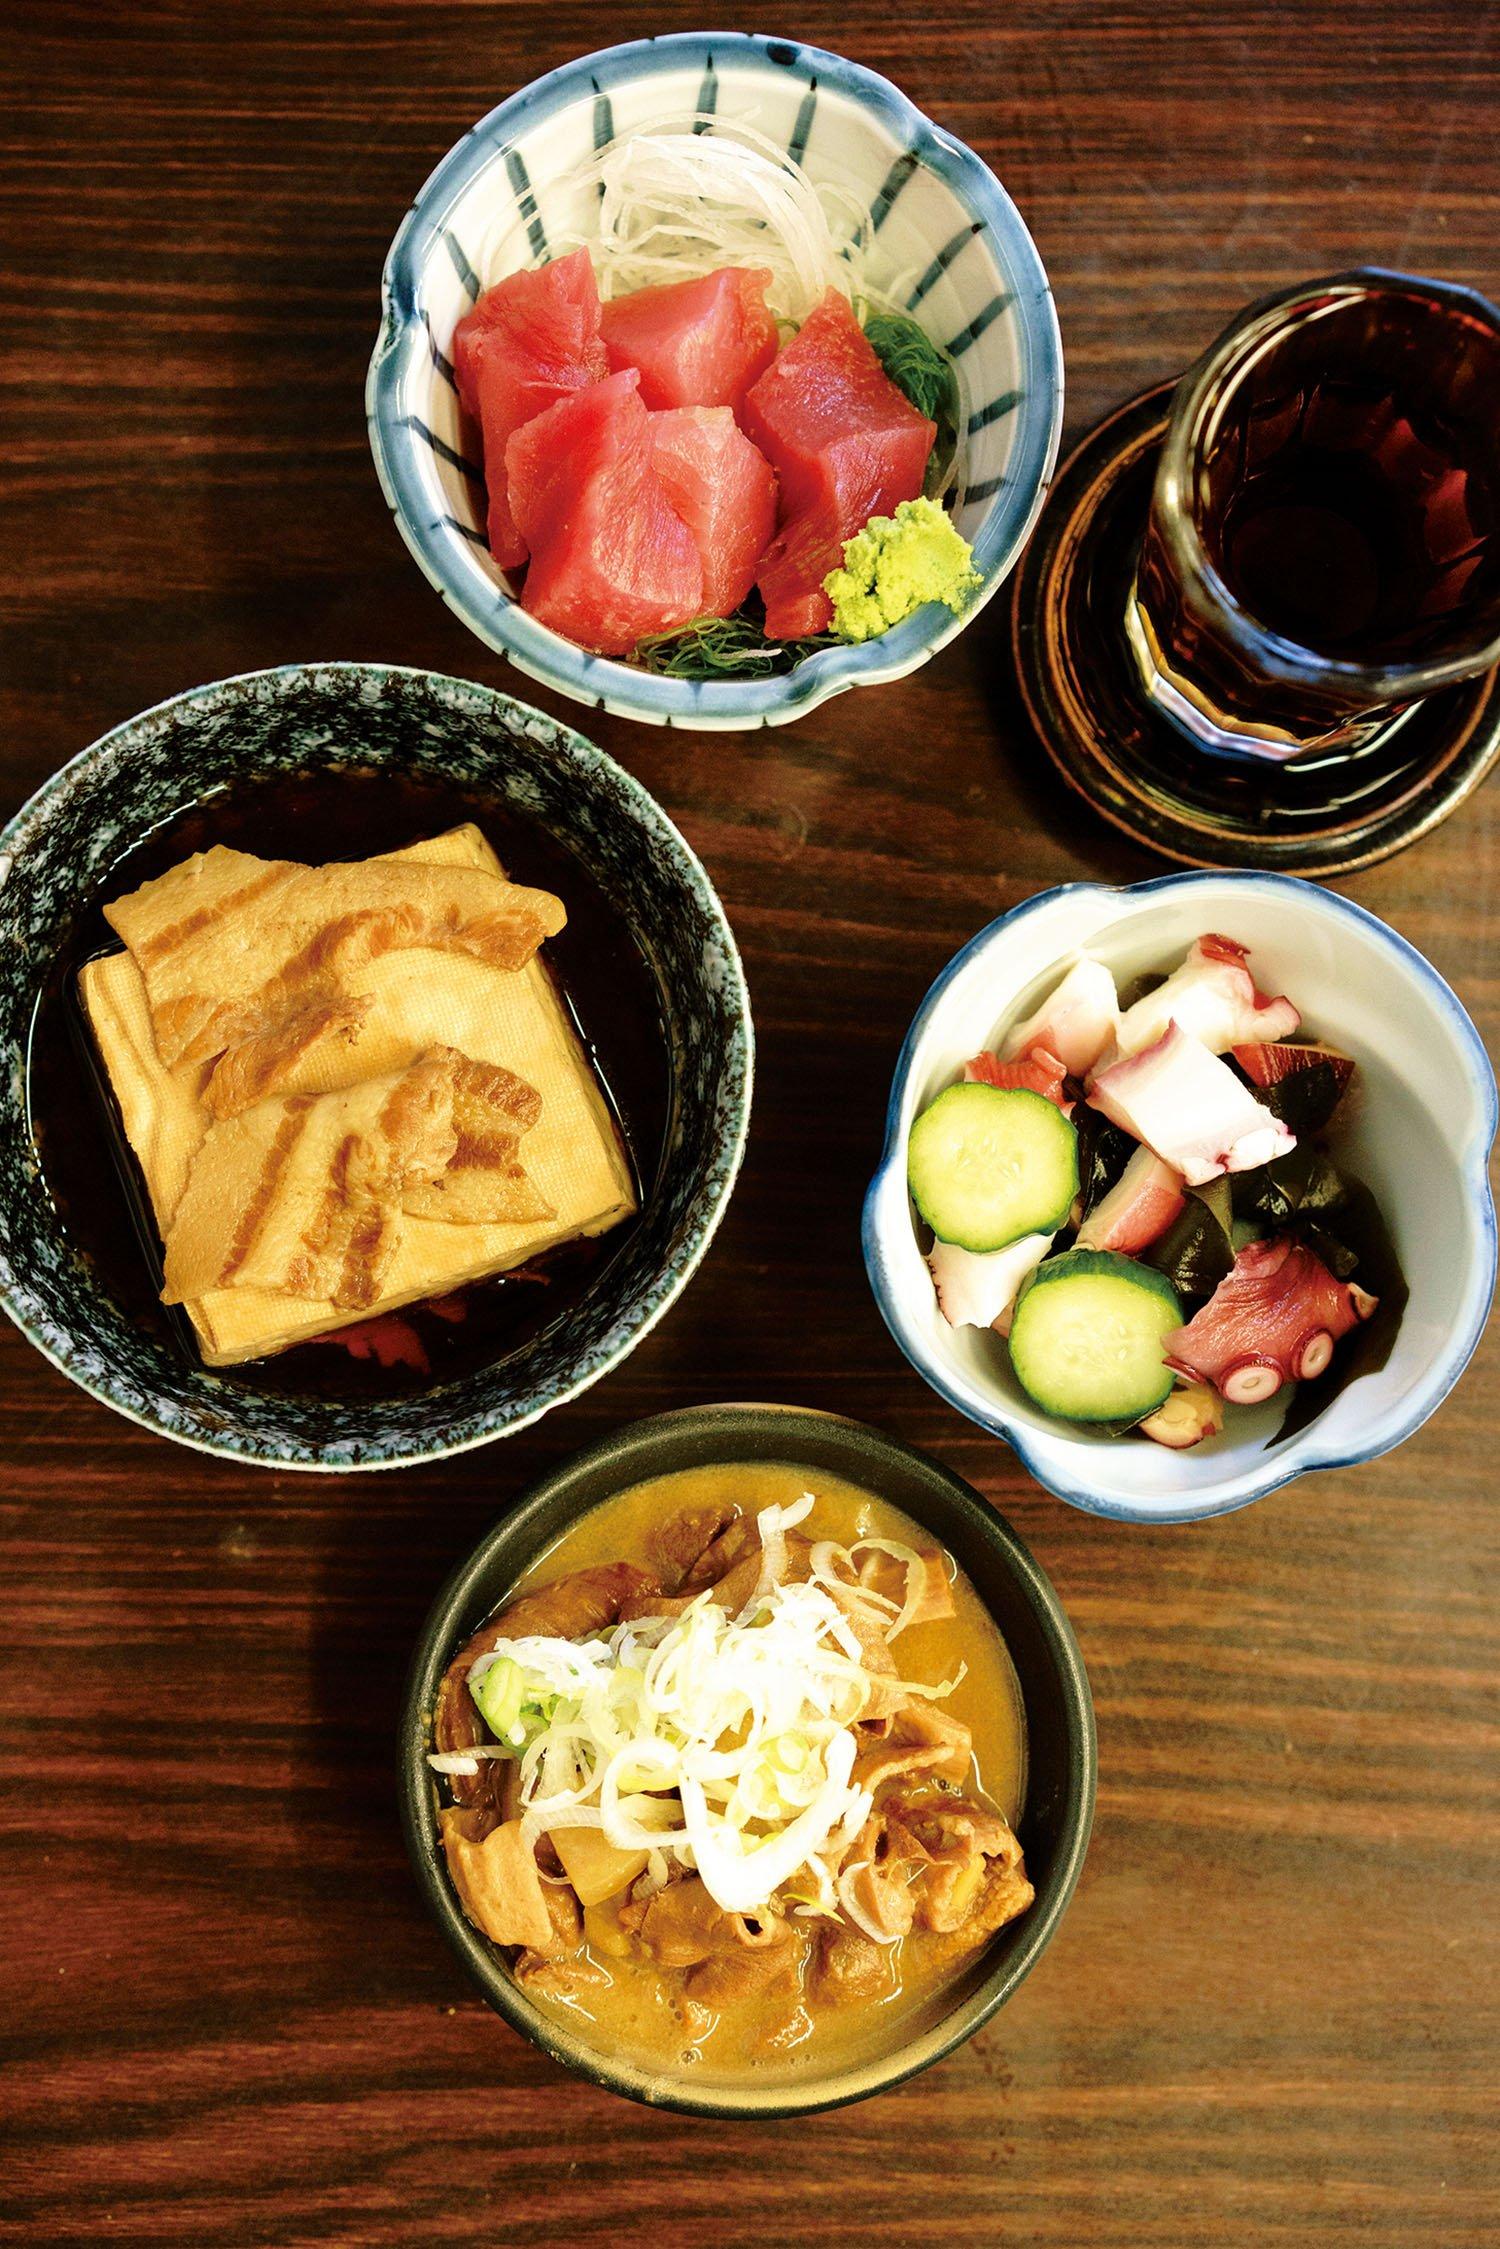 まぐろぶつ390円、わかめときゅうりの酢の物190円、もつ煮込み170円、肉豆腐250円。